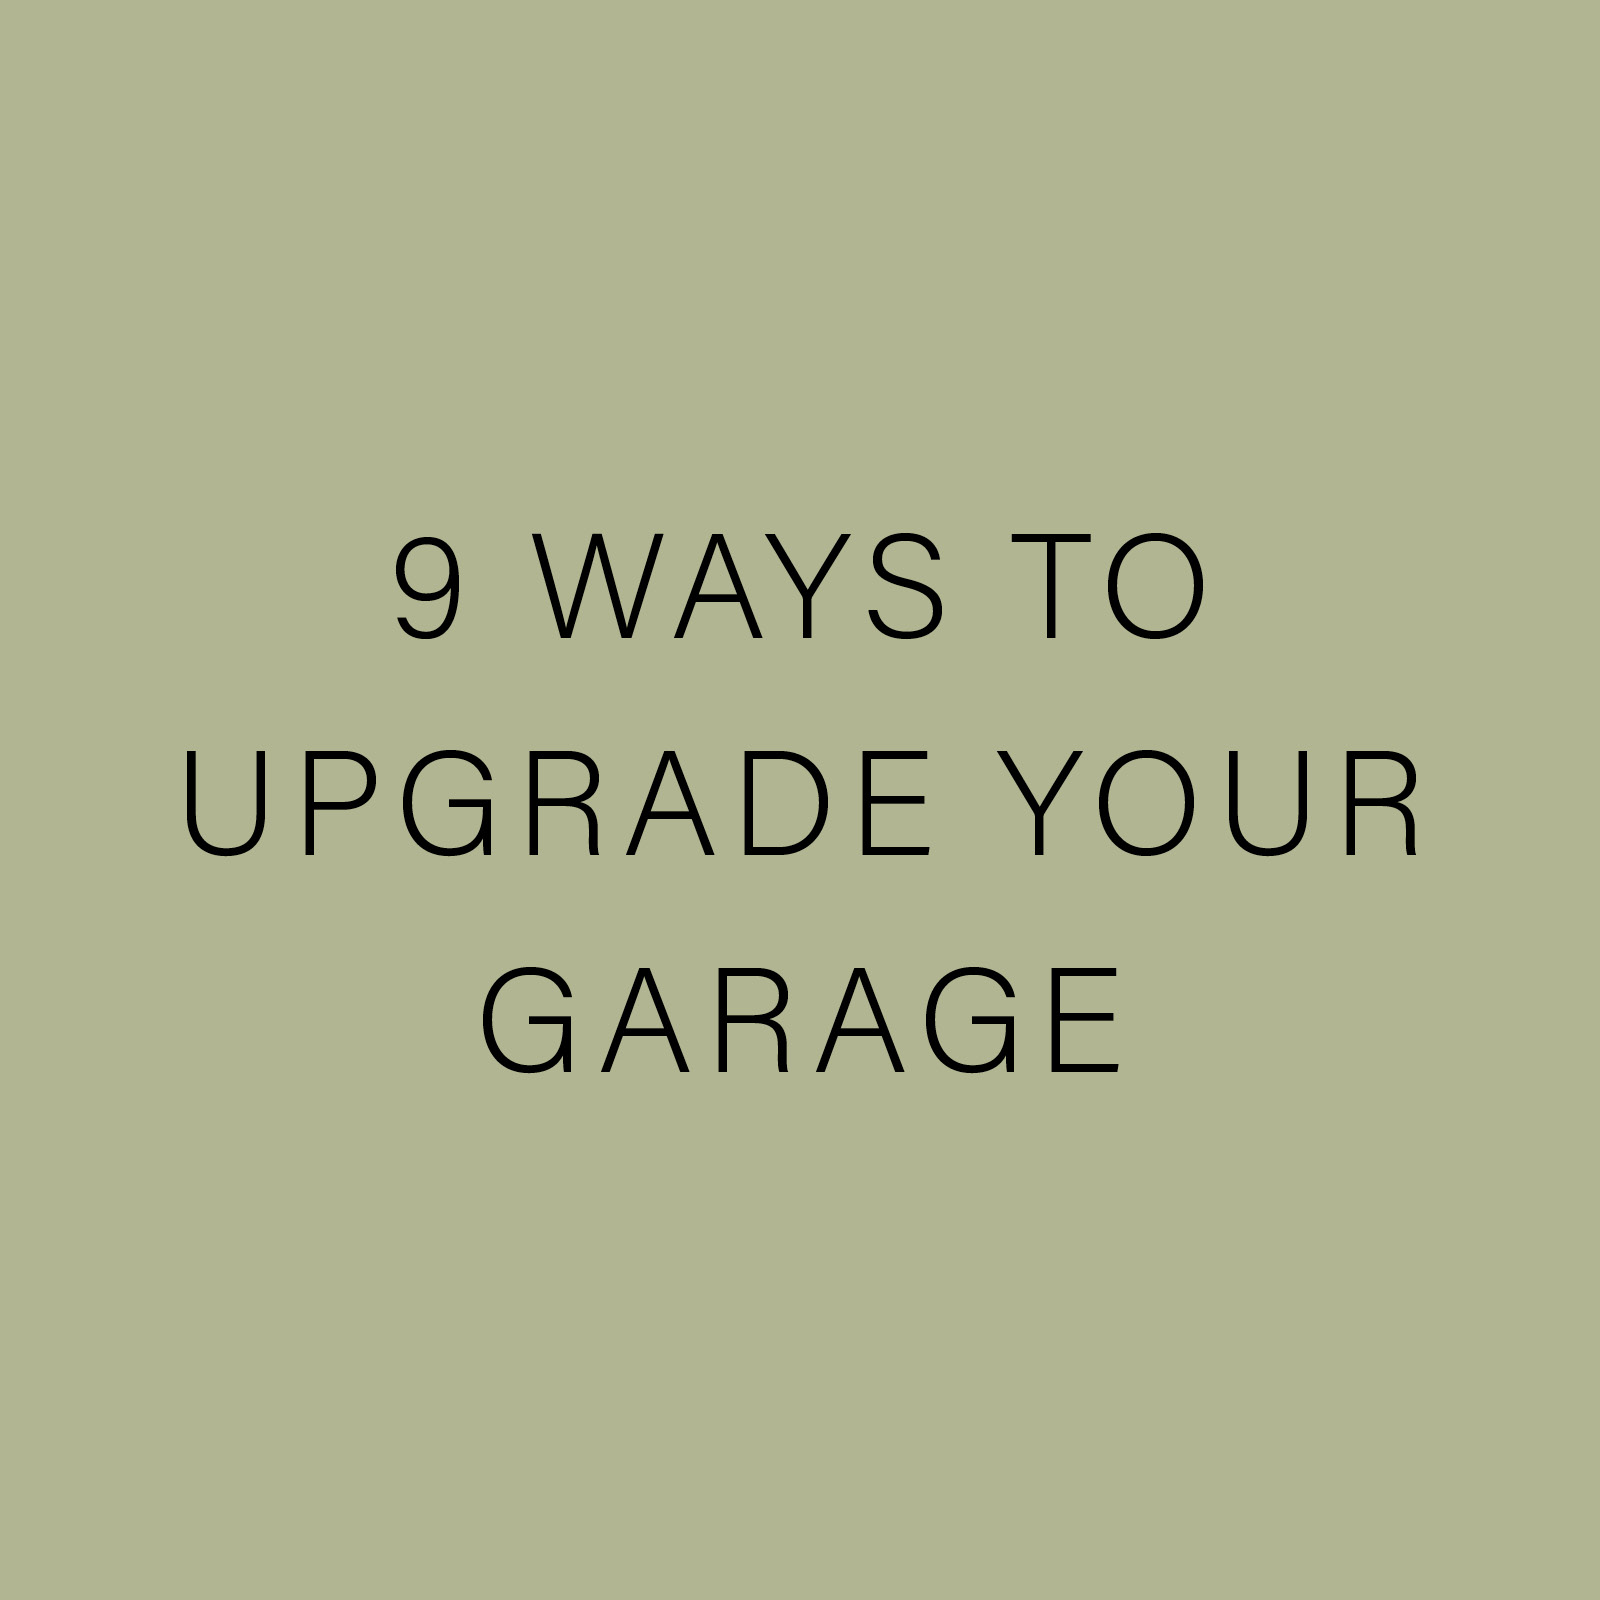 9 WAYS TO UPGRADE YOUR GARAGE.jpg